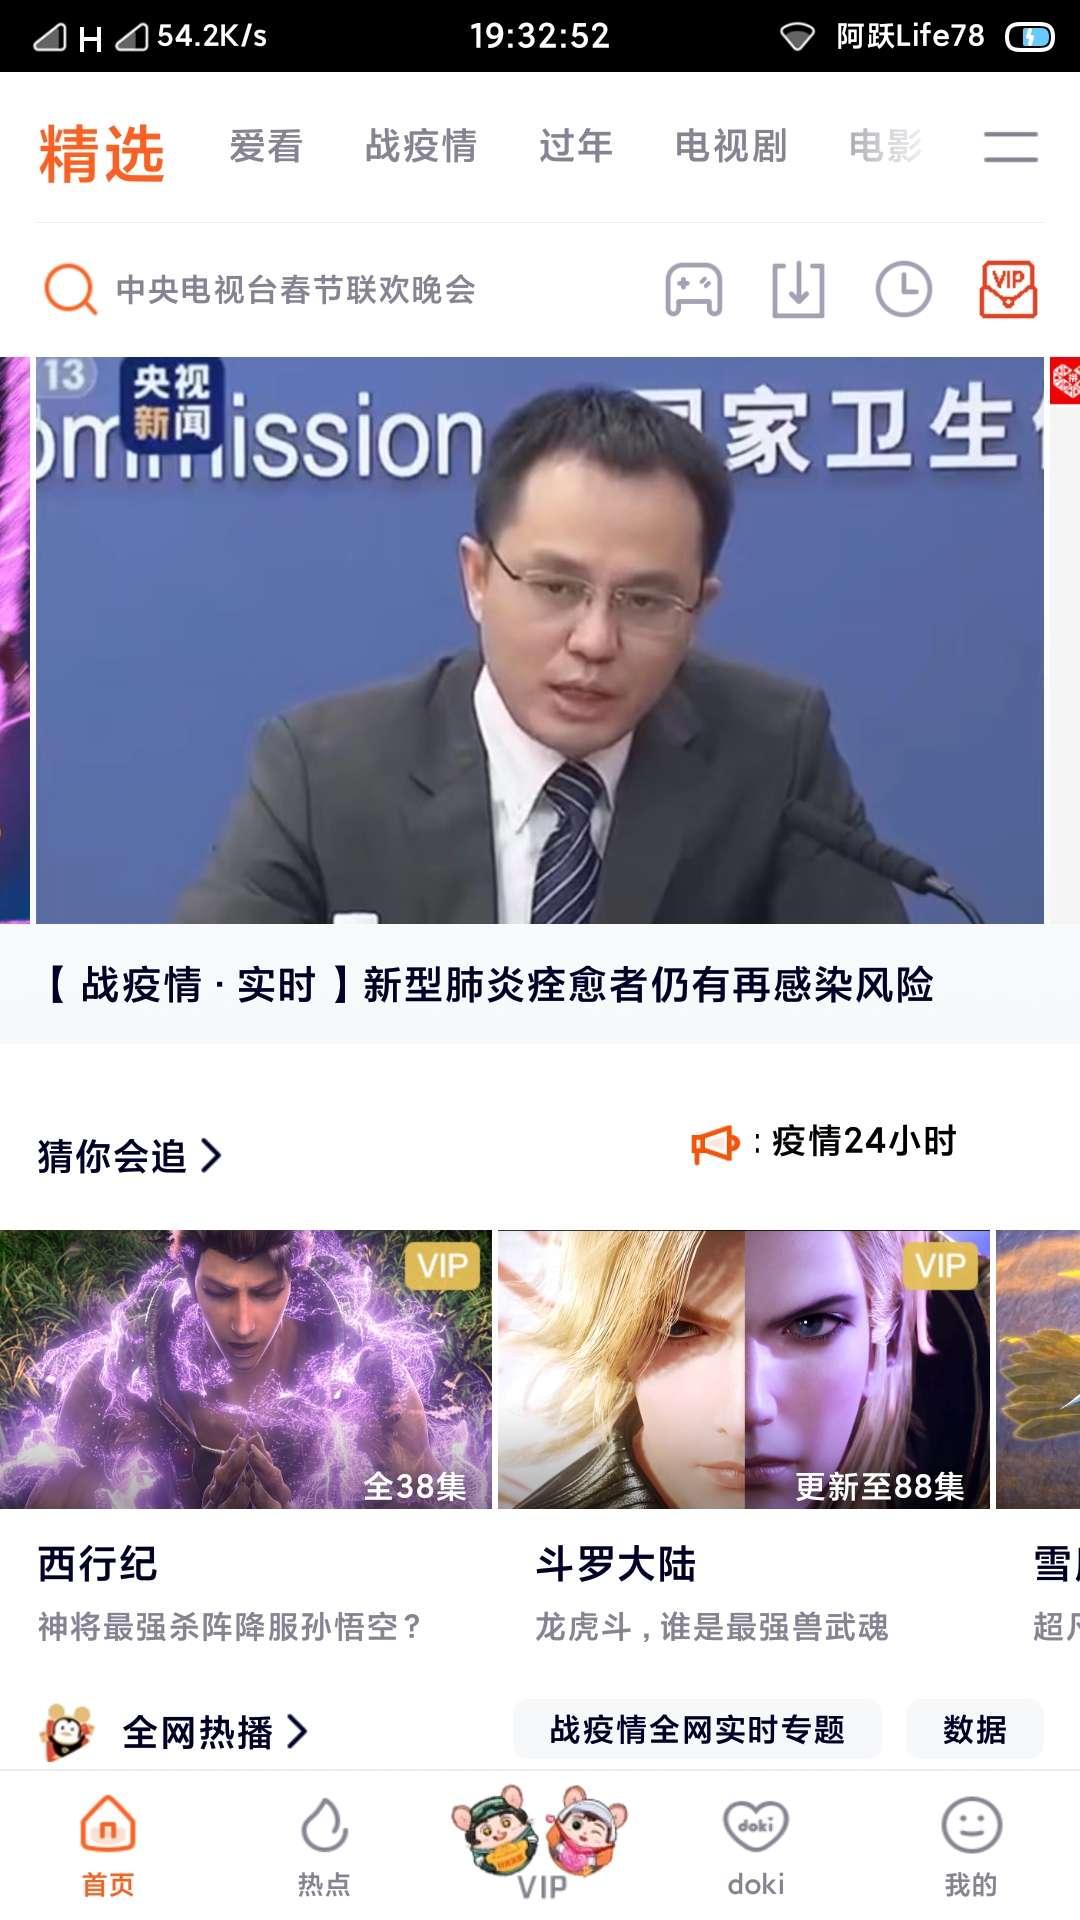 【资源分享】腾讯视频v7.9.0.20617